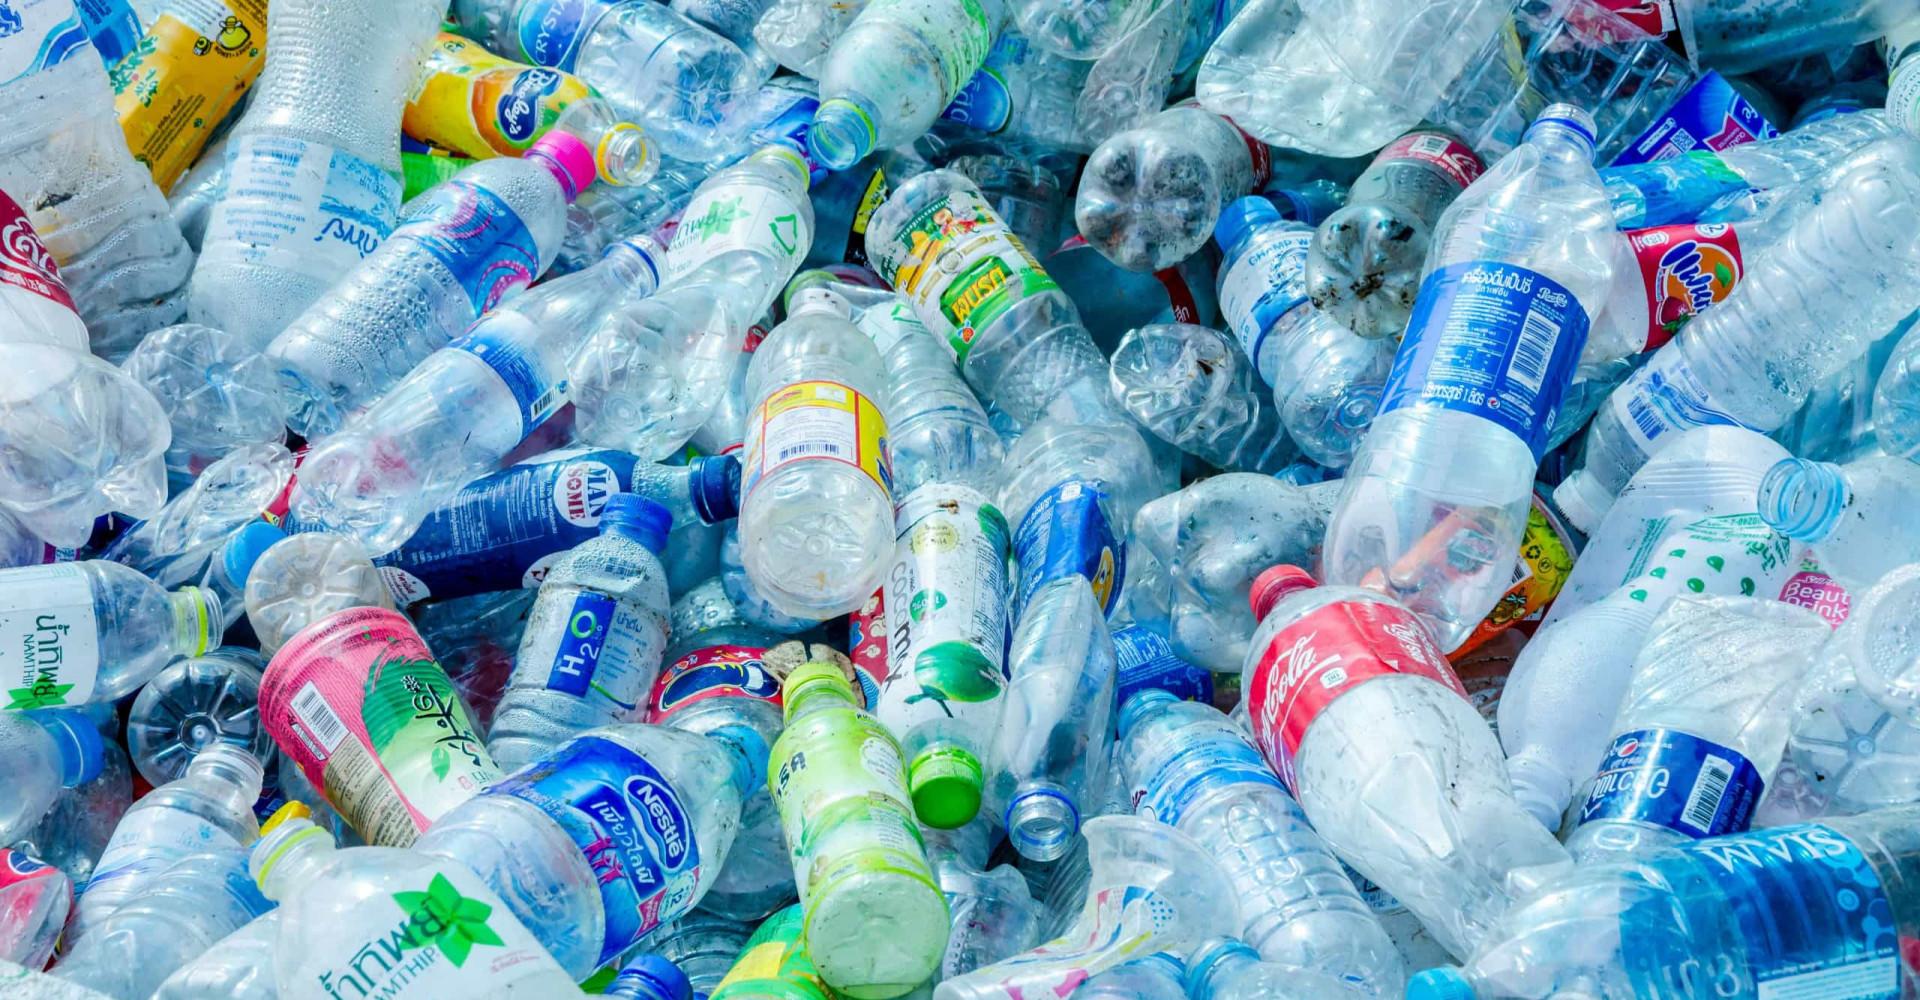 Zo kies je het meest gezonde en milieuvriendelijke flesje water uit